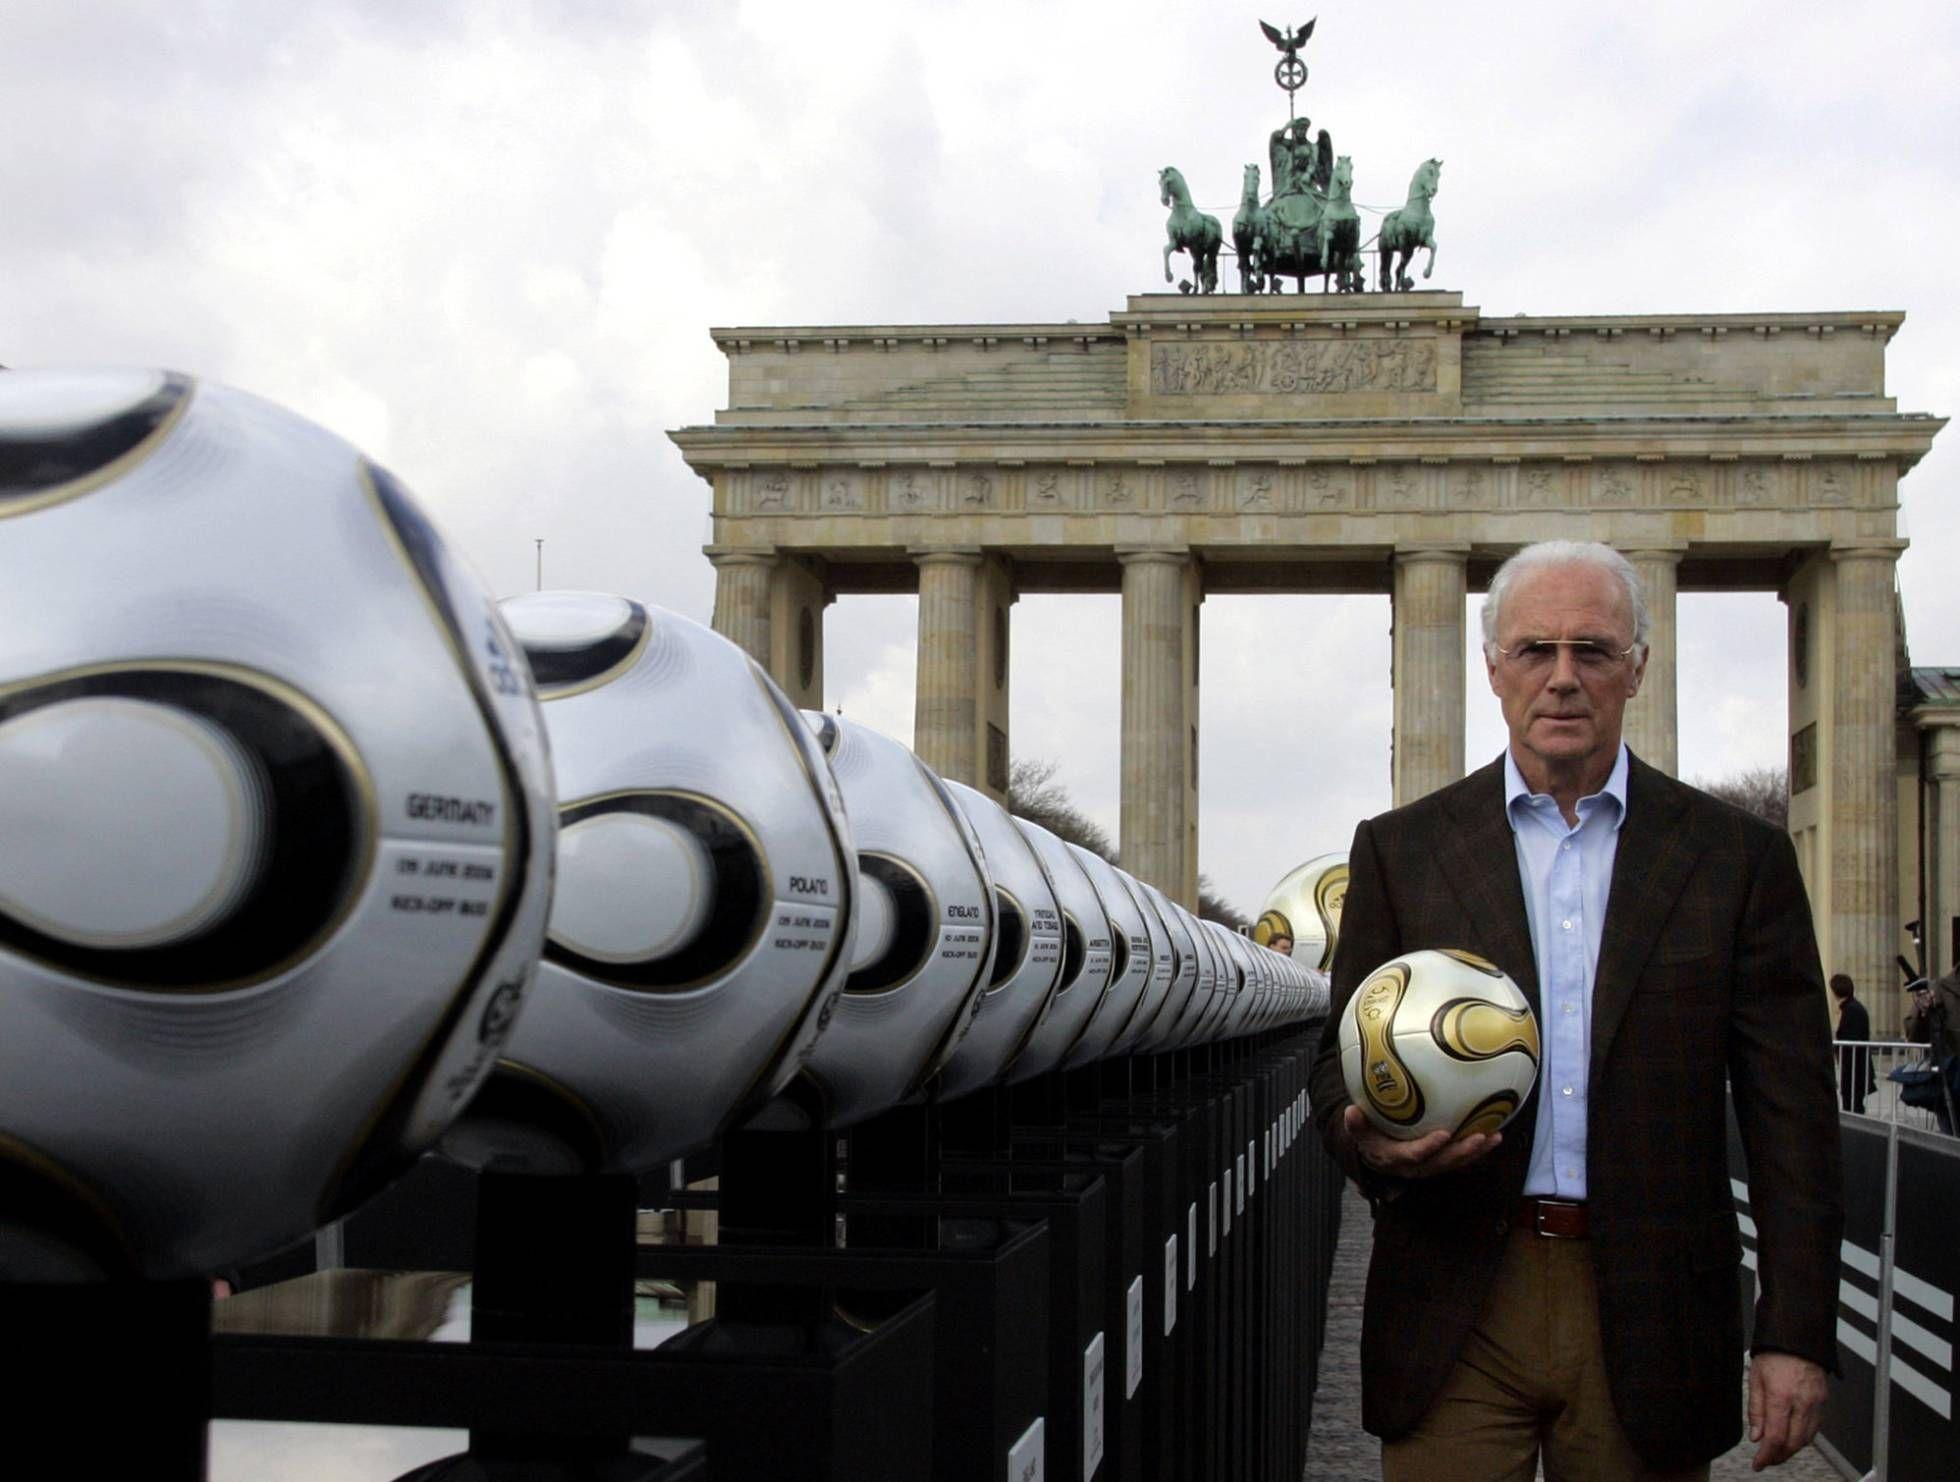 Escándalo en la FIFA: Suiza investiga a Beckenbauer por fraude y lavado de dinero